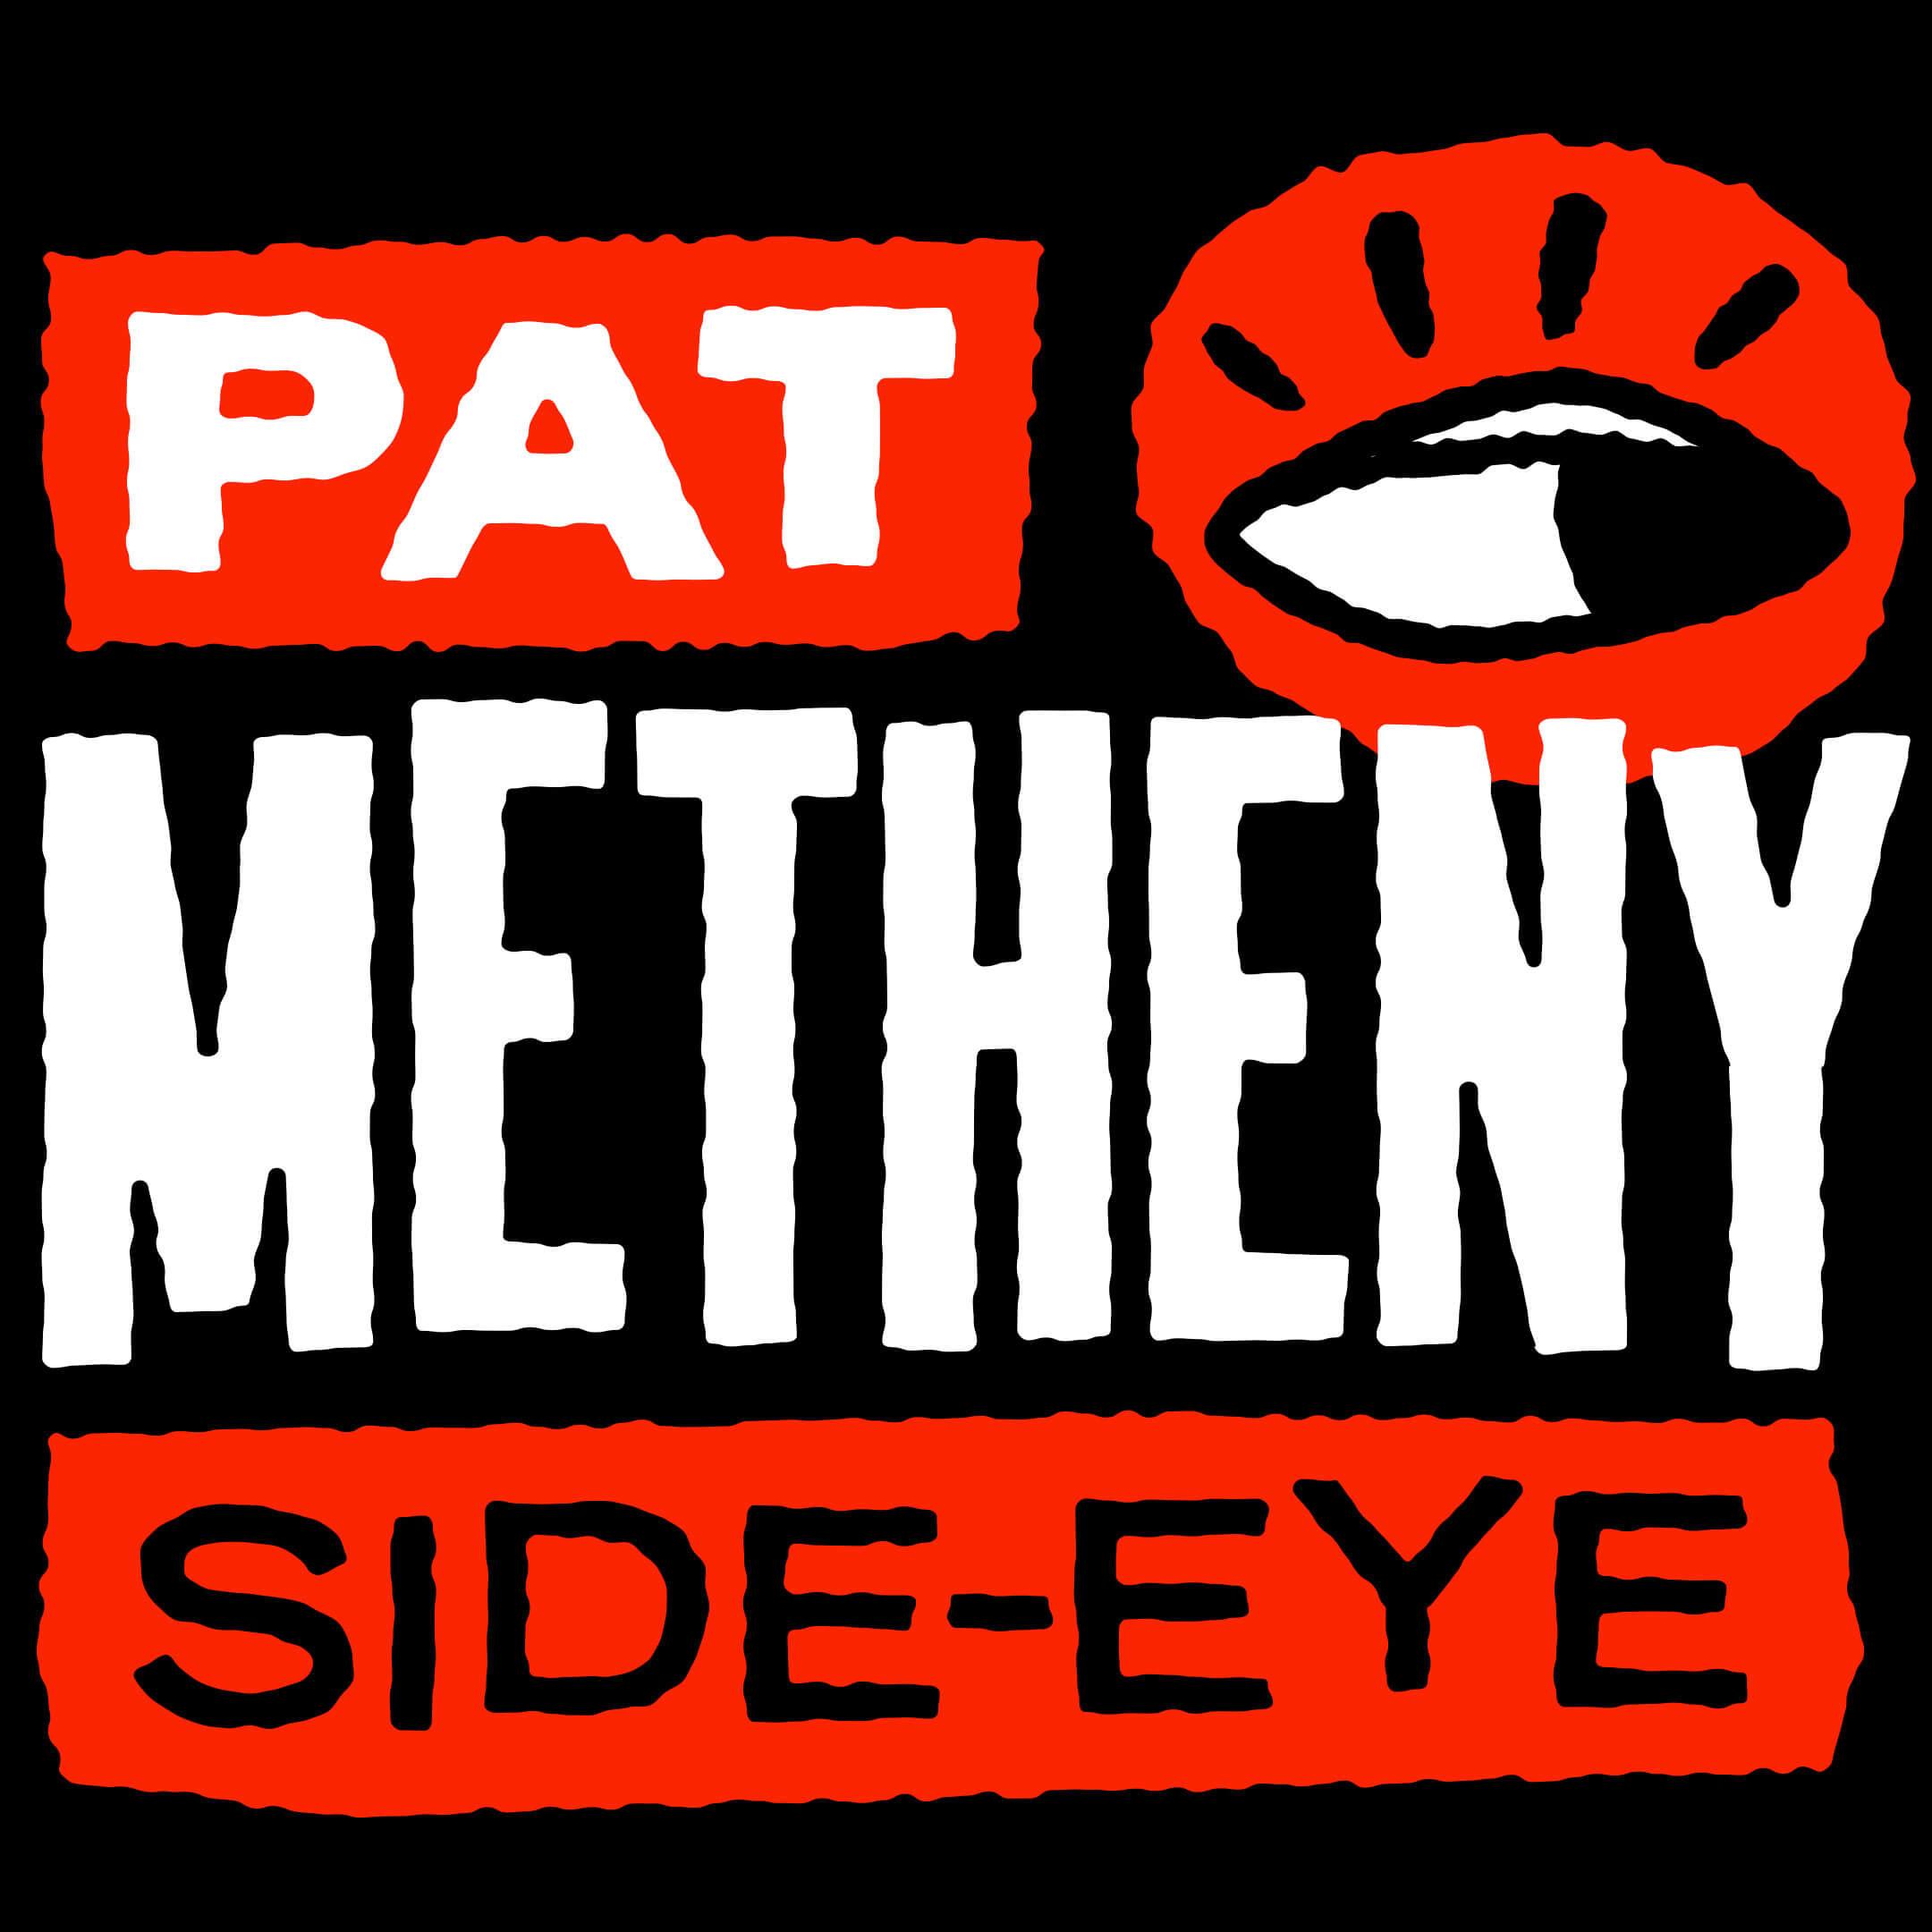 Pat Metheny Side-Eye <br/>w/ James Francies & Marcus Gilmore